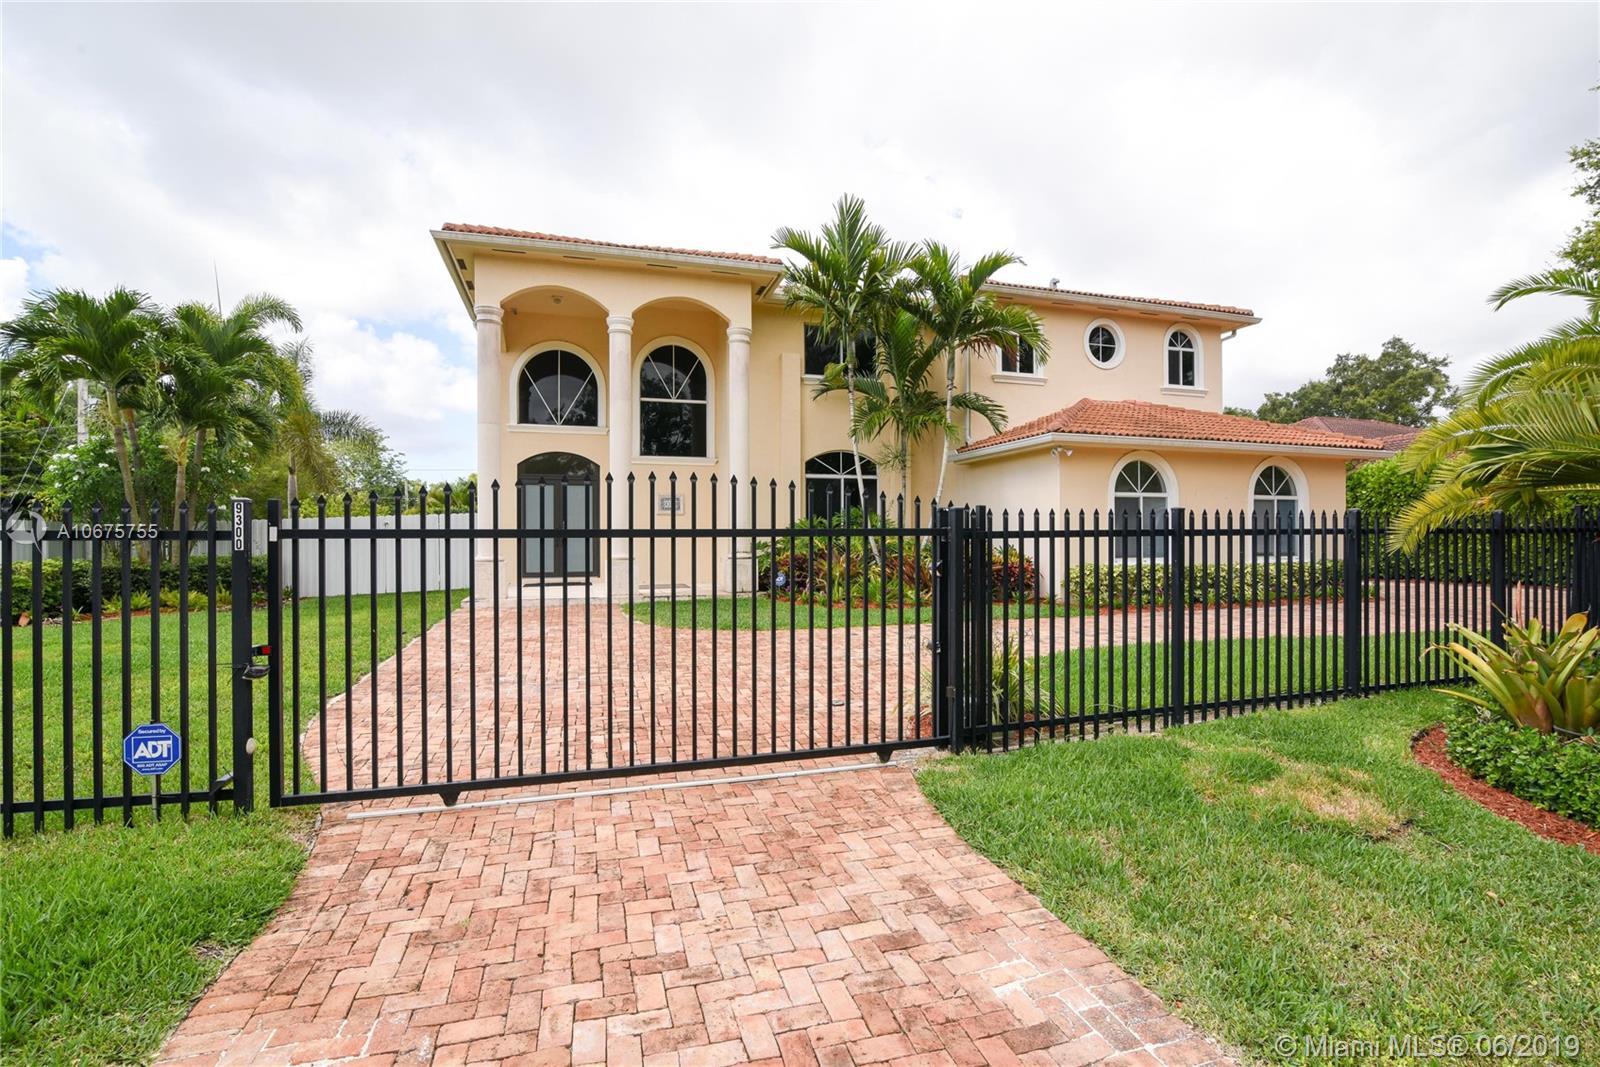 9300 Sw 149 St Miami, FL 33176